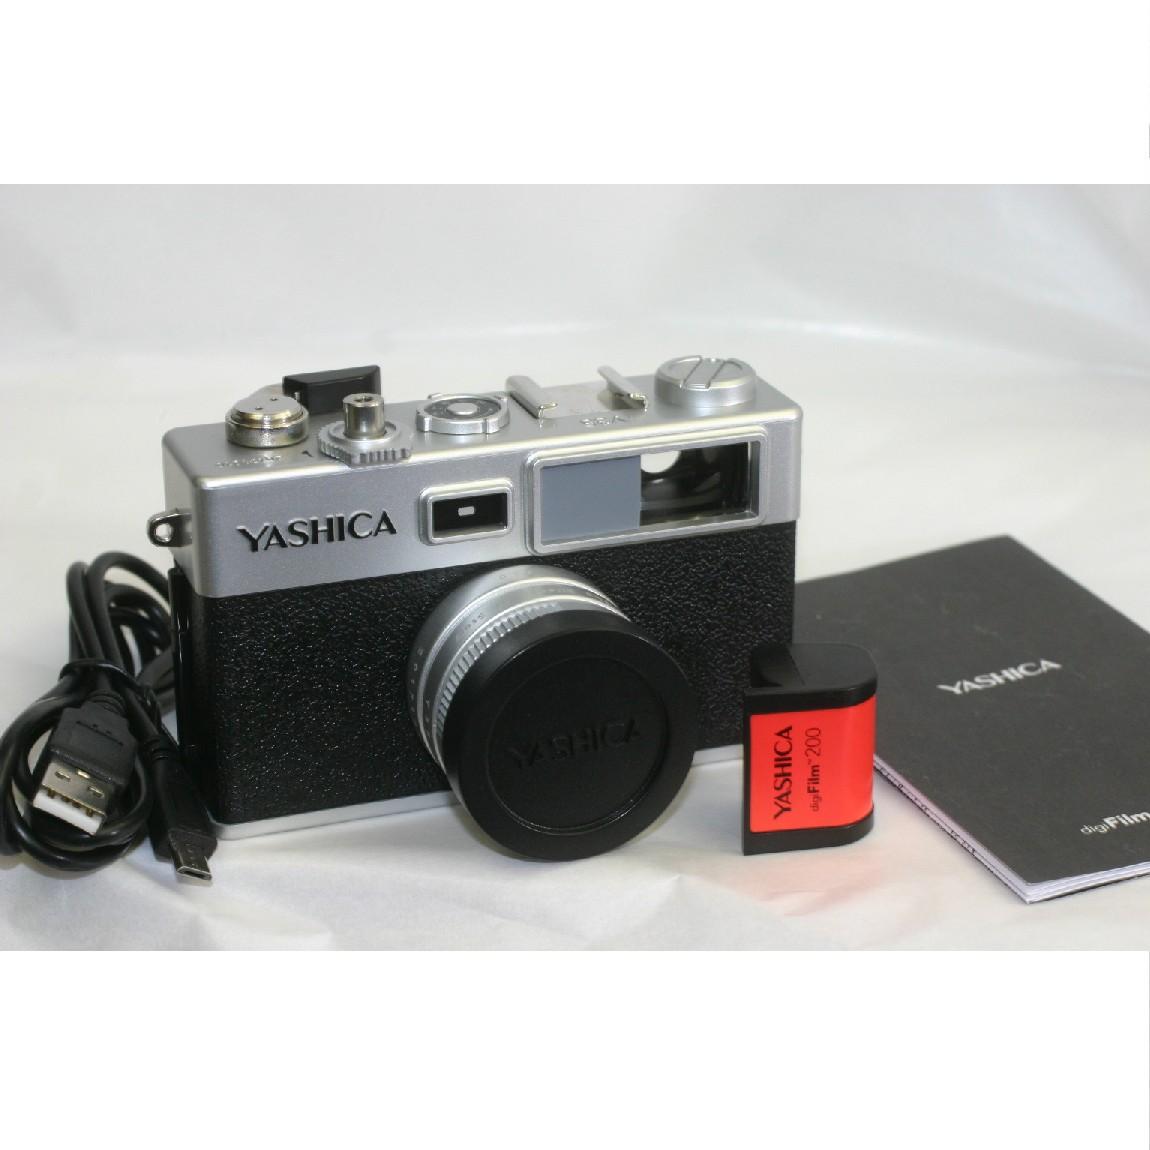 【中古】新品同様ヤシカのアンティークなデザインのデジタルフィルムカメラY35 3ヶ月保障付 ○F14-21